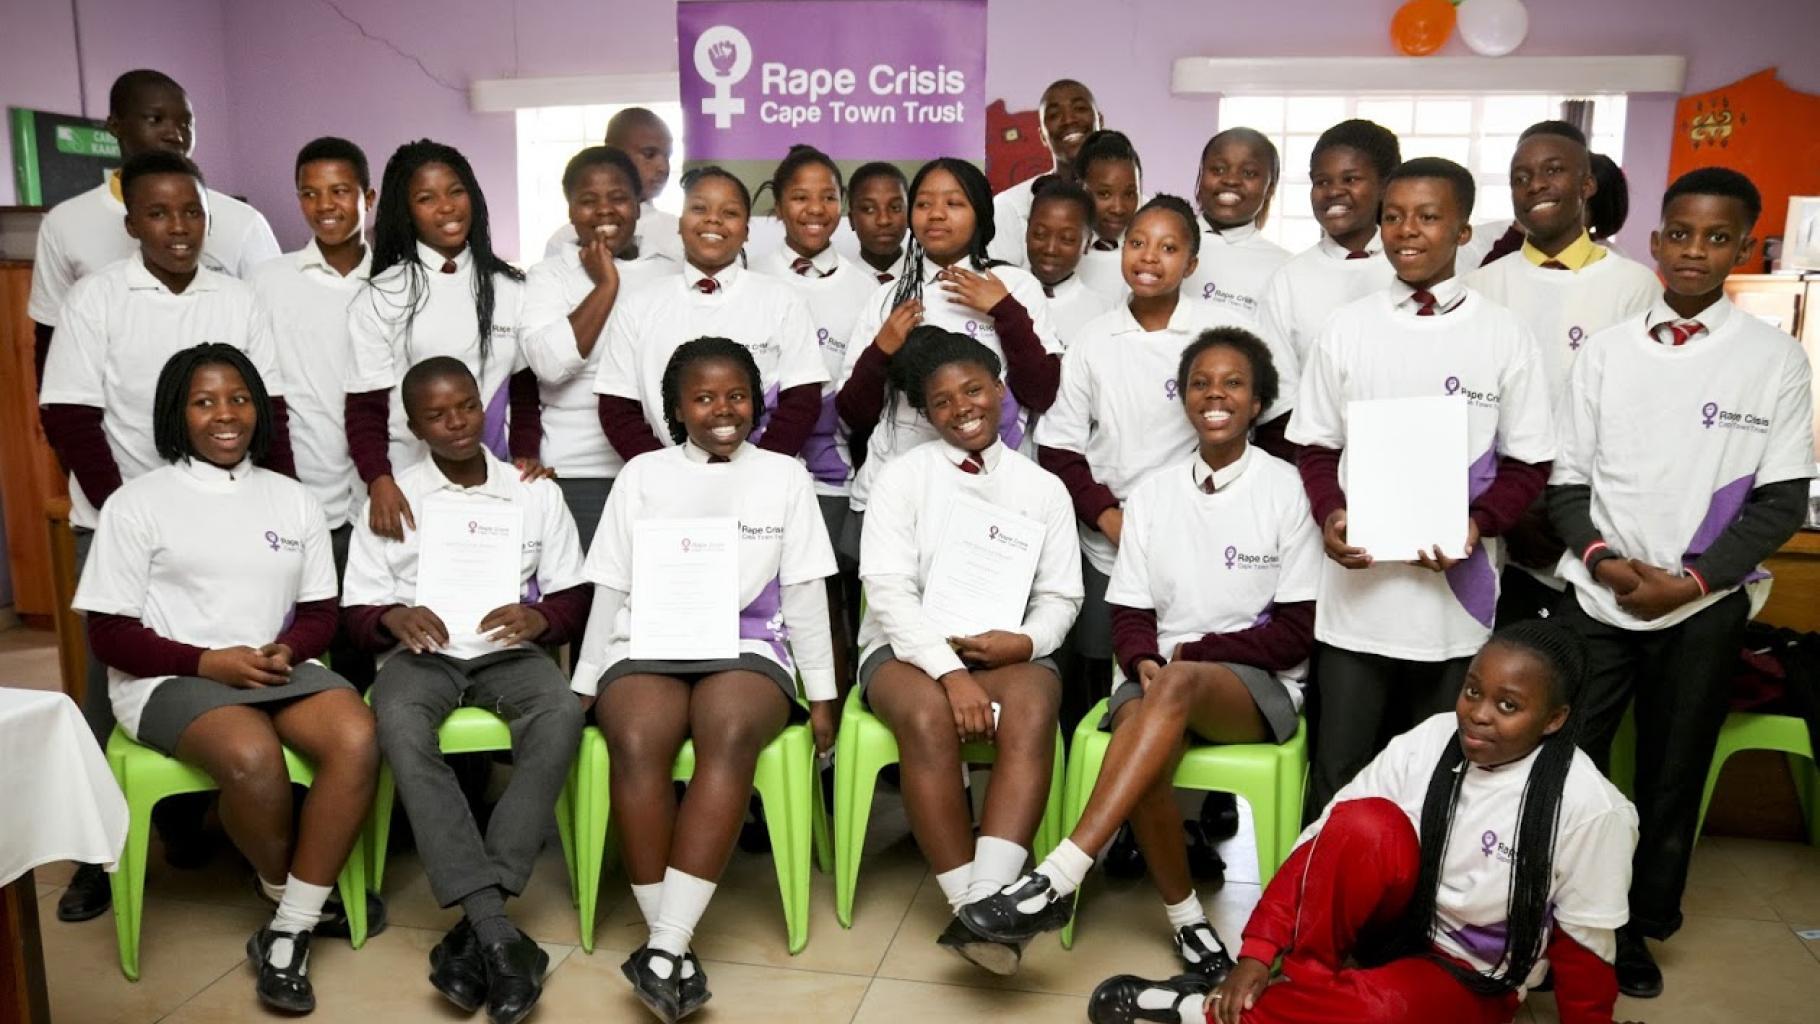 Solz präsentieren Jugendliche ihr Zertifikat als Peer Educator.